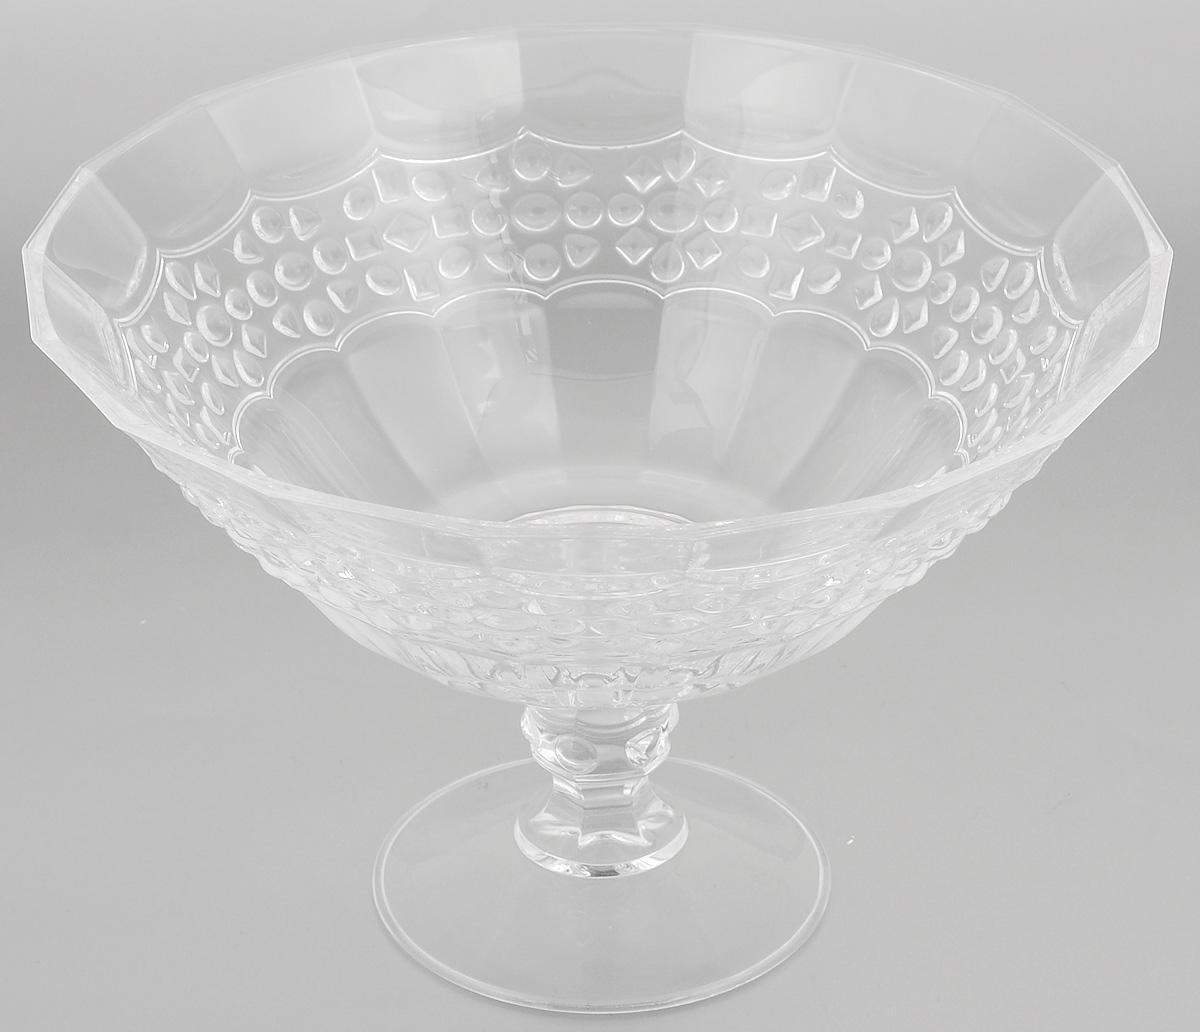 Салатник Cristal dArques Allure, диаметр 25,5 смG5667Салатник Cristal dArques Allure изготовлен из из специально разработанного стекла Diamax в форме большой чаши на ножке, декорирован рельефом. Данный салатник сочетает в себе изысканный дизайн с максимальной функциональностью. Он прекрасно впишется в интерьер вашей кухни и станет достойным дополнением к кухонному инвентарю. Такой салатник не только украсит ваш кухонный стол и подчеркнет прекрасный вкус хозяйки, но и станет отличным подарком. Диаметр (по верхнему краю): 25,5 см. Высота: 17 см. Диаметр основания: 11 см.